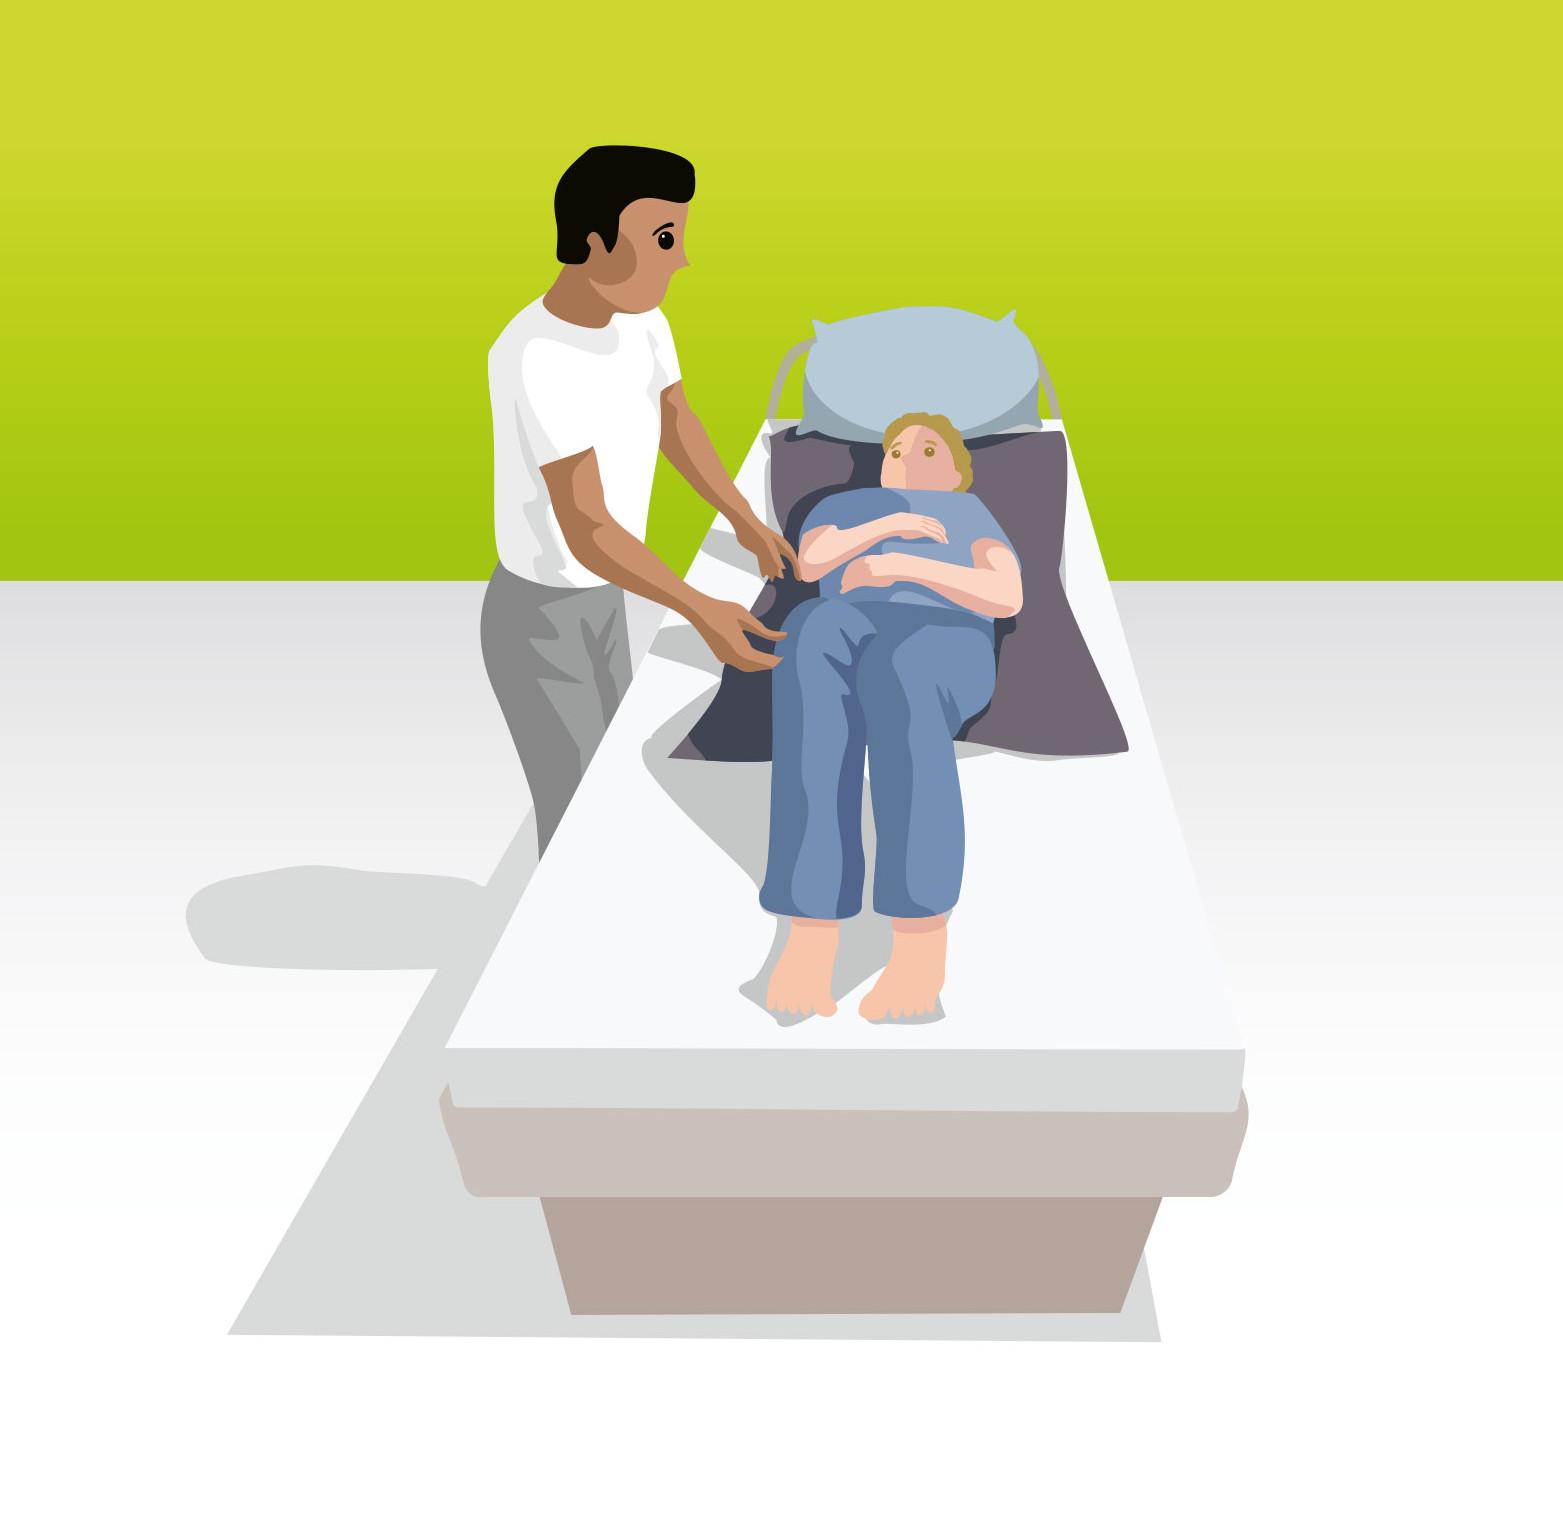 Umlagerung mit Hilfe einer Gleitmatte durch eine Pflegekraft